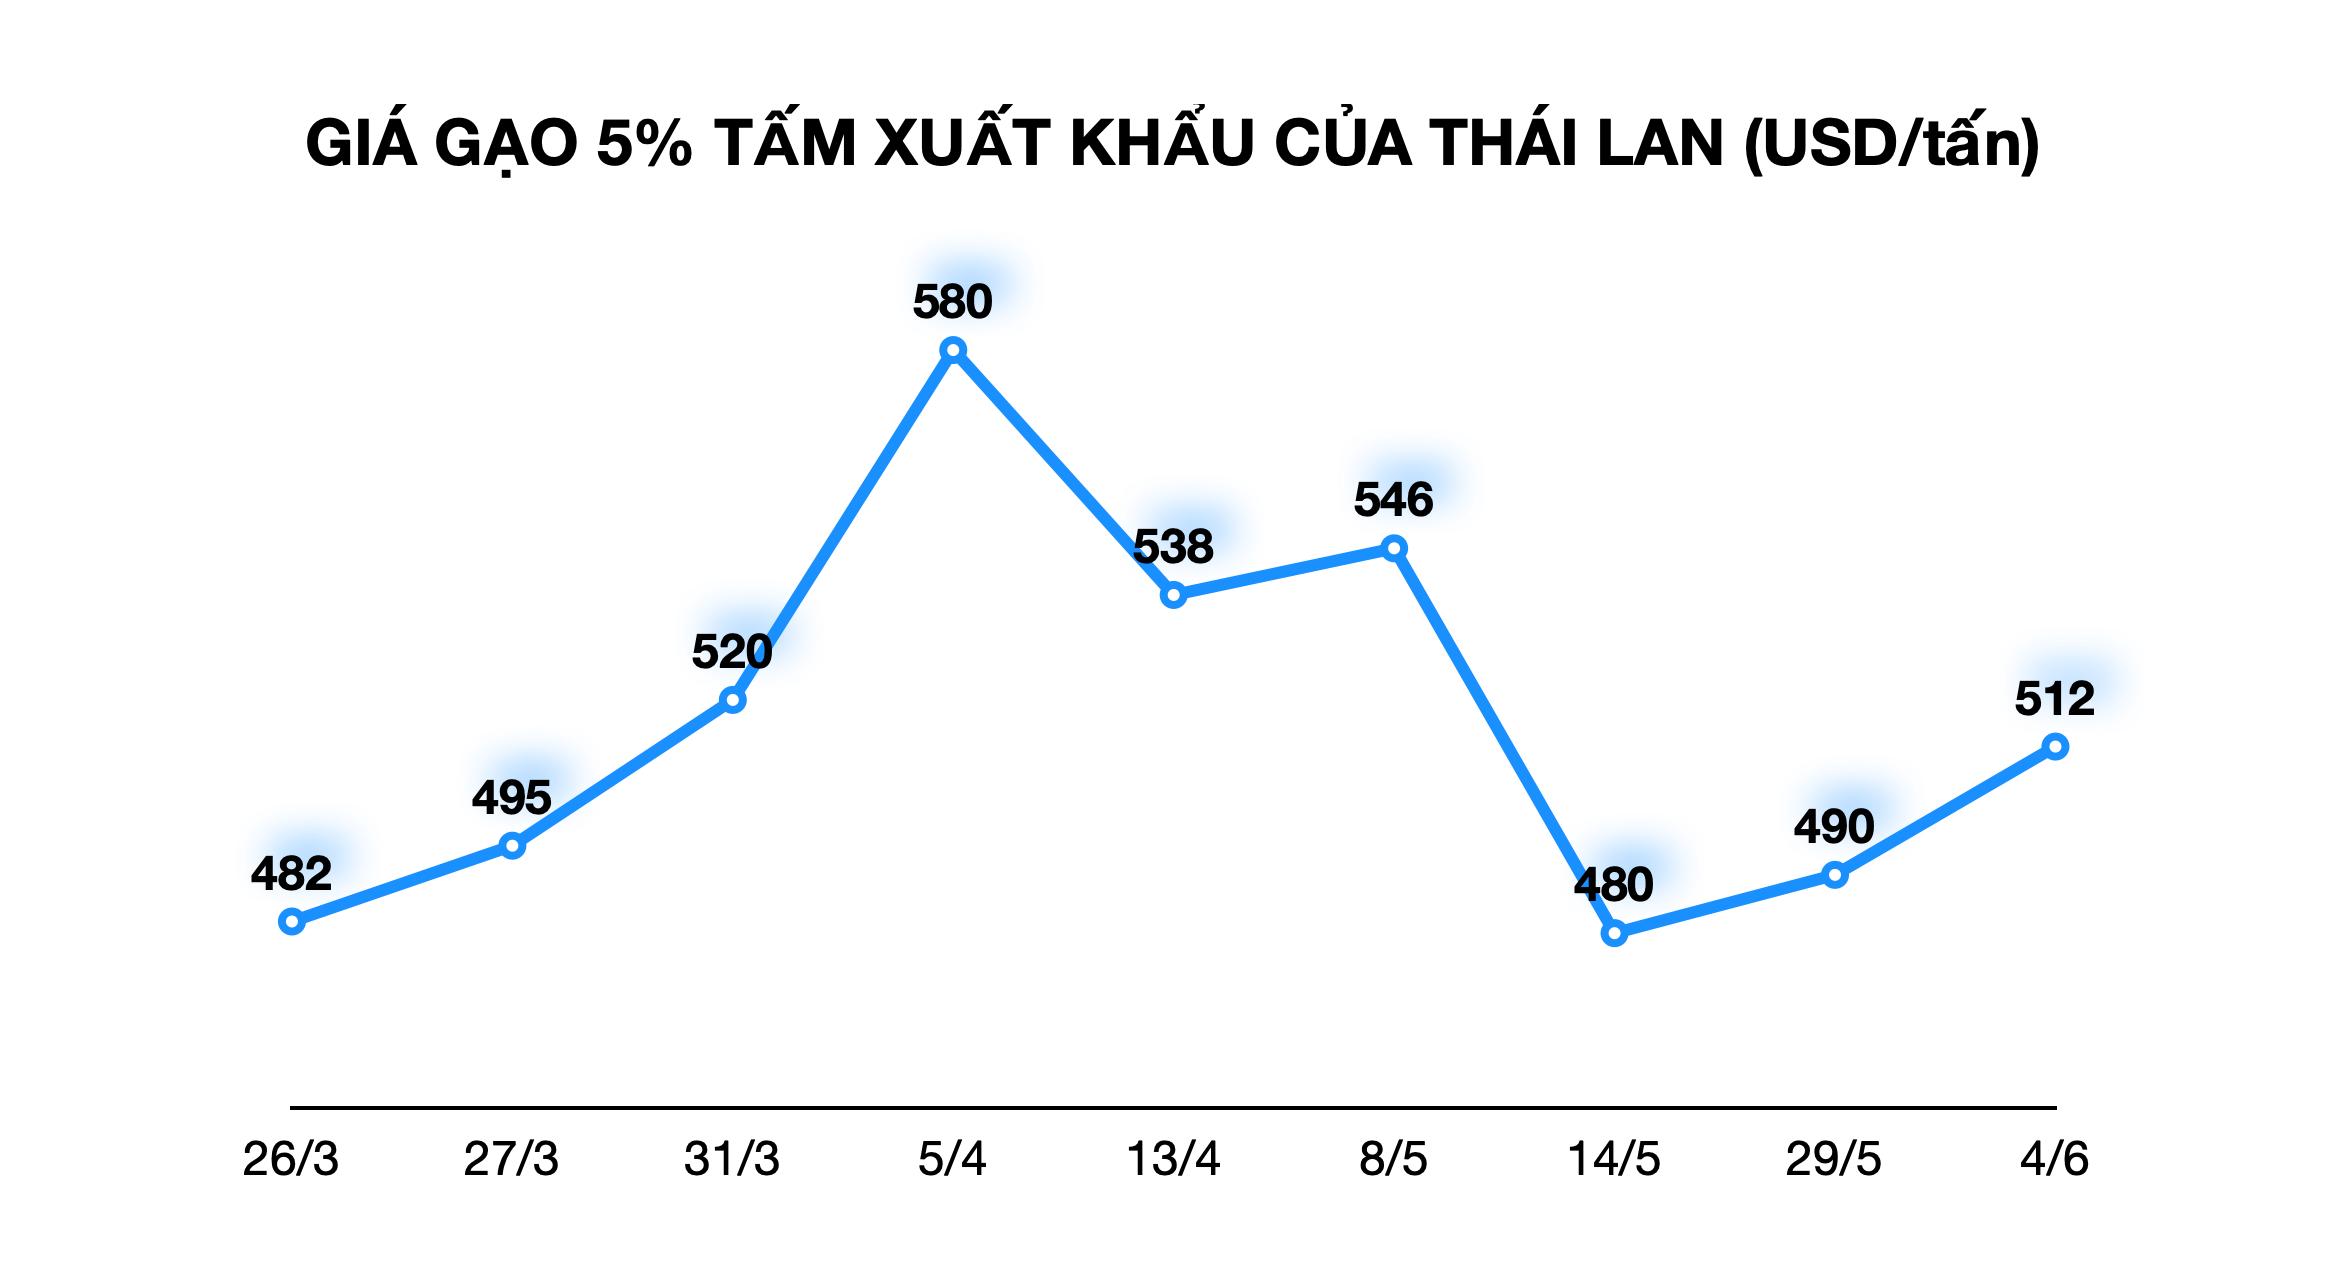 Giá gạo Việt Nam xuất khẩu cao nhất hơn 8 năm qua, tăng liên tiếp từ tháng 4 đến nay - Ảnh 2.